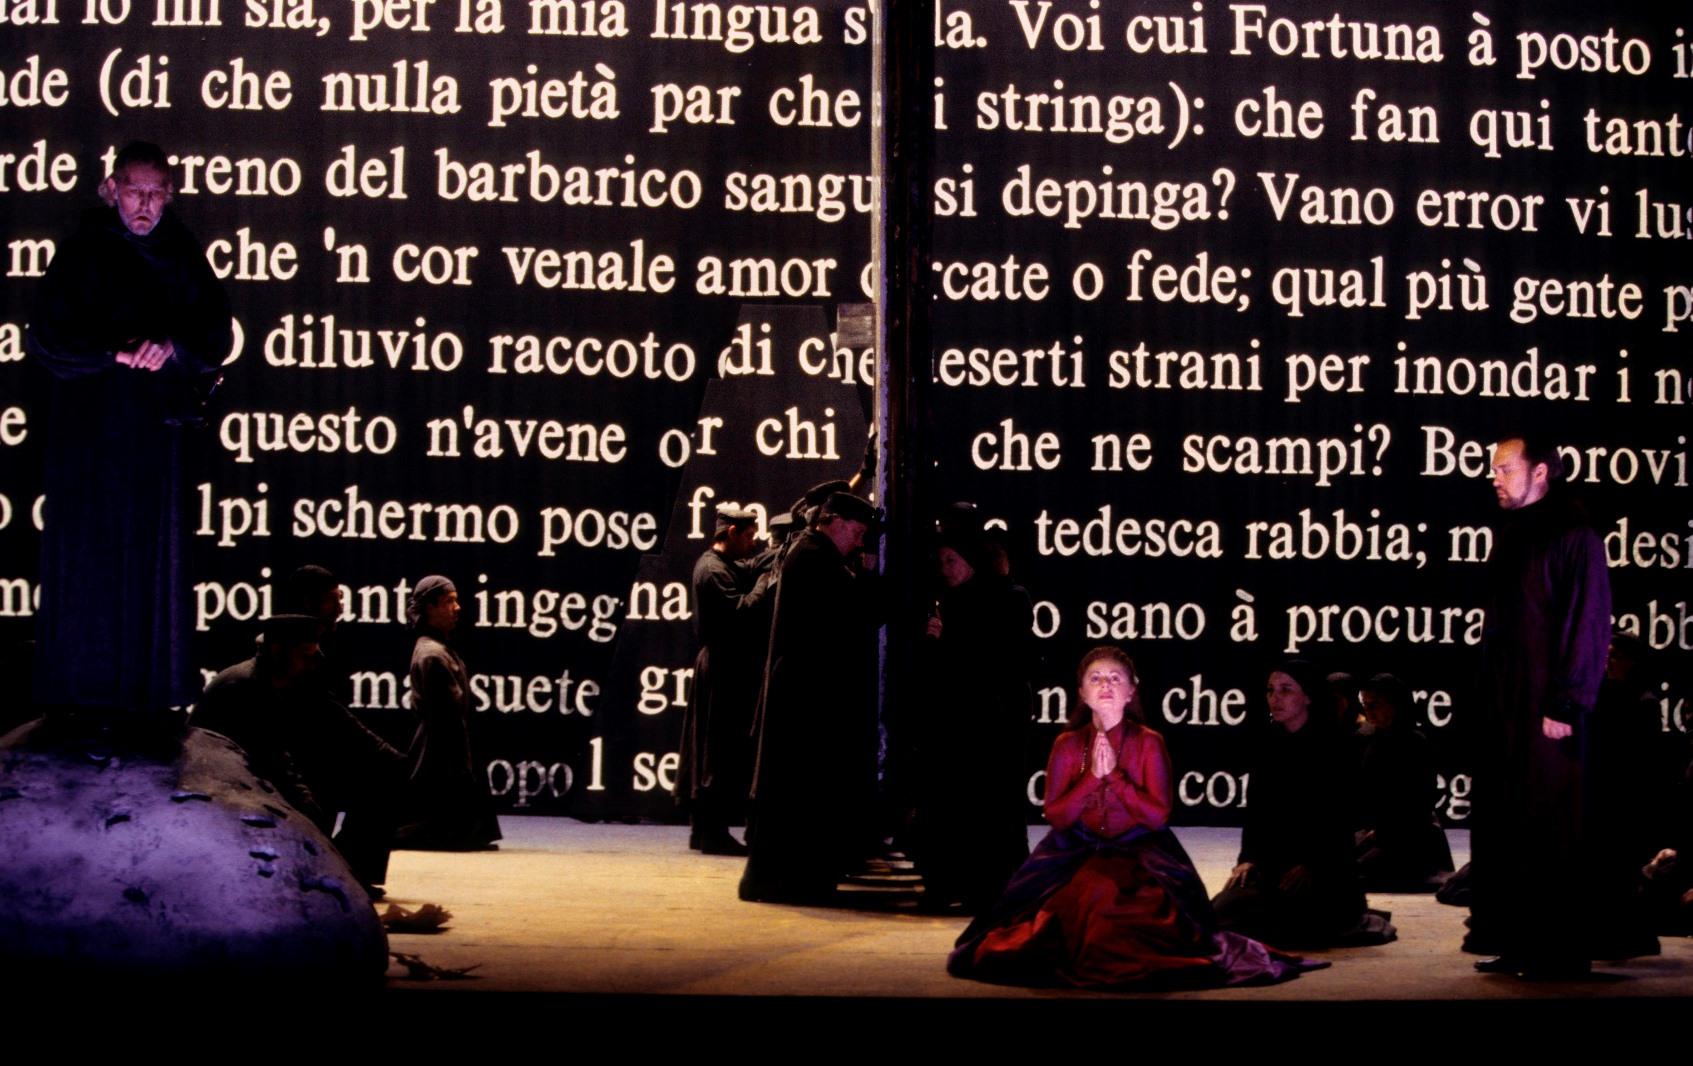 סימון בוקנגרה - באדיבות האופרה הישראלית